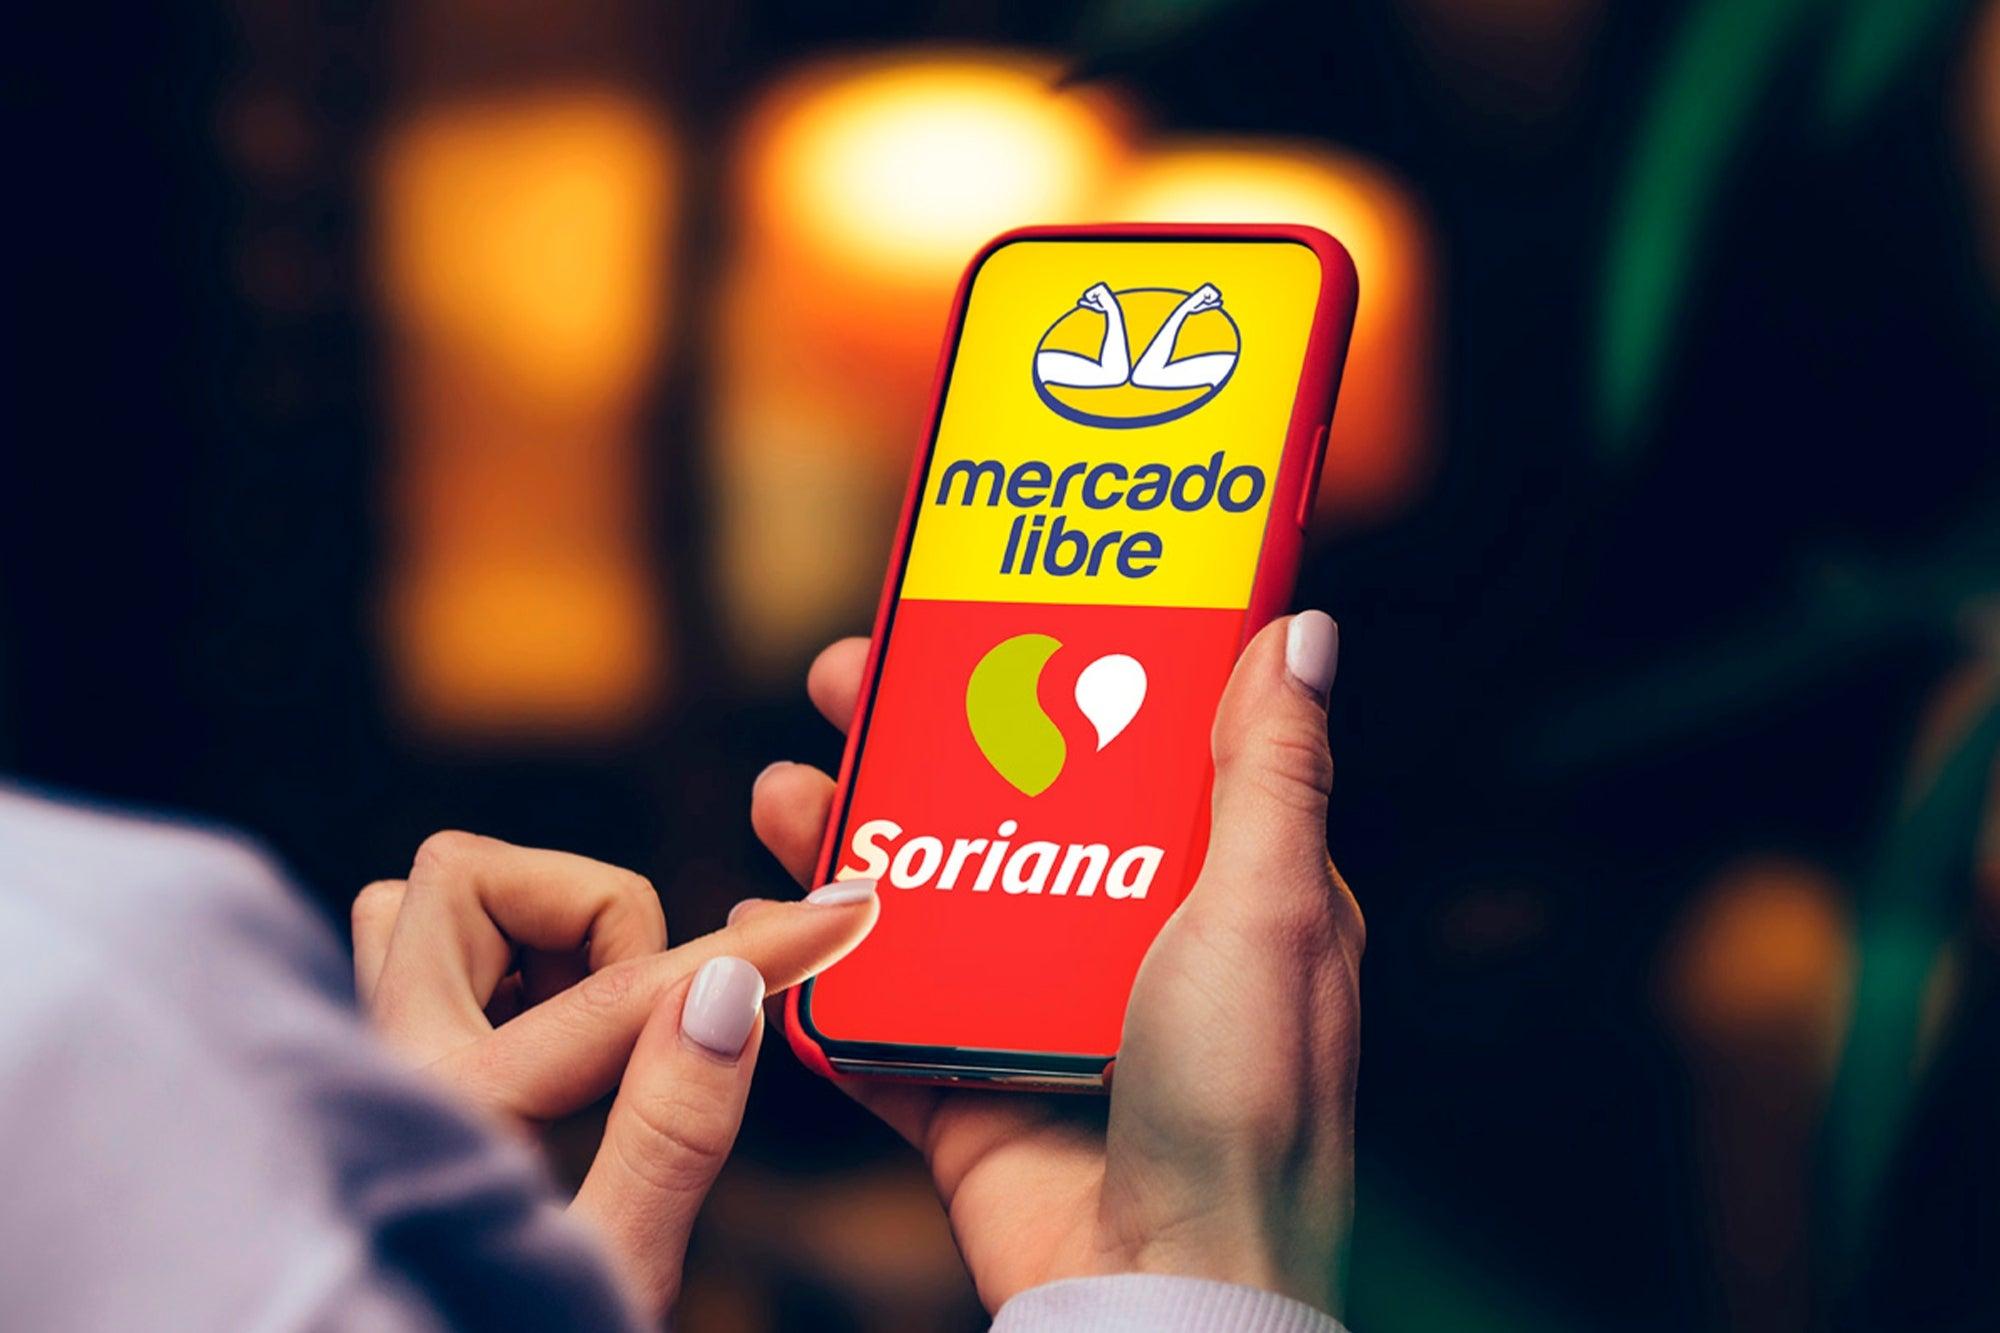 Así puedes comprar en Soriana desde Mercado Libre para pedir el súper a  casa: envío gratuito a nivel nacional en menos de 24 horas